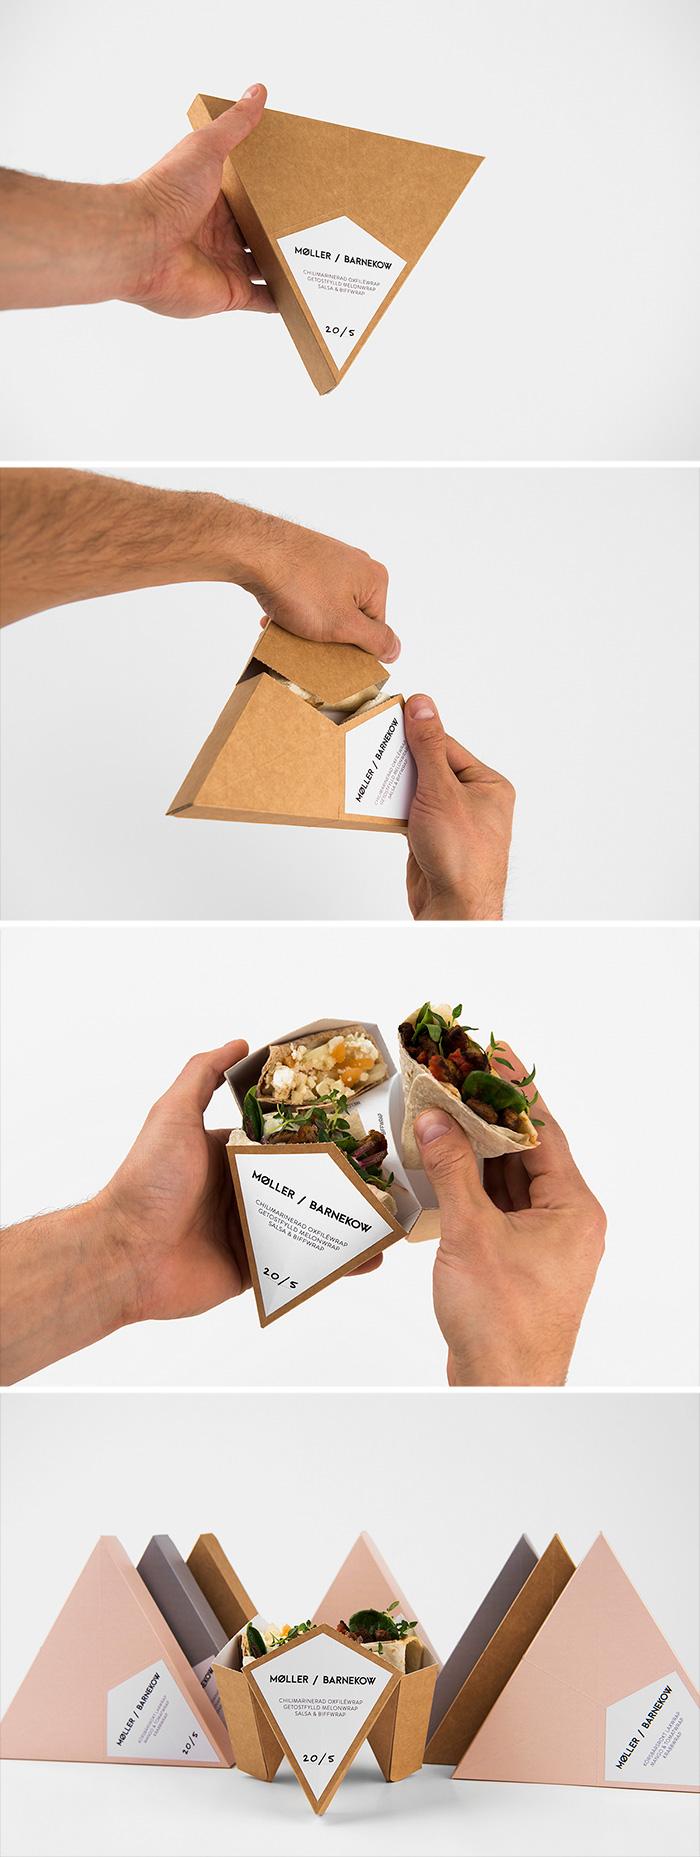 89. Упаковка бутербродов